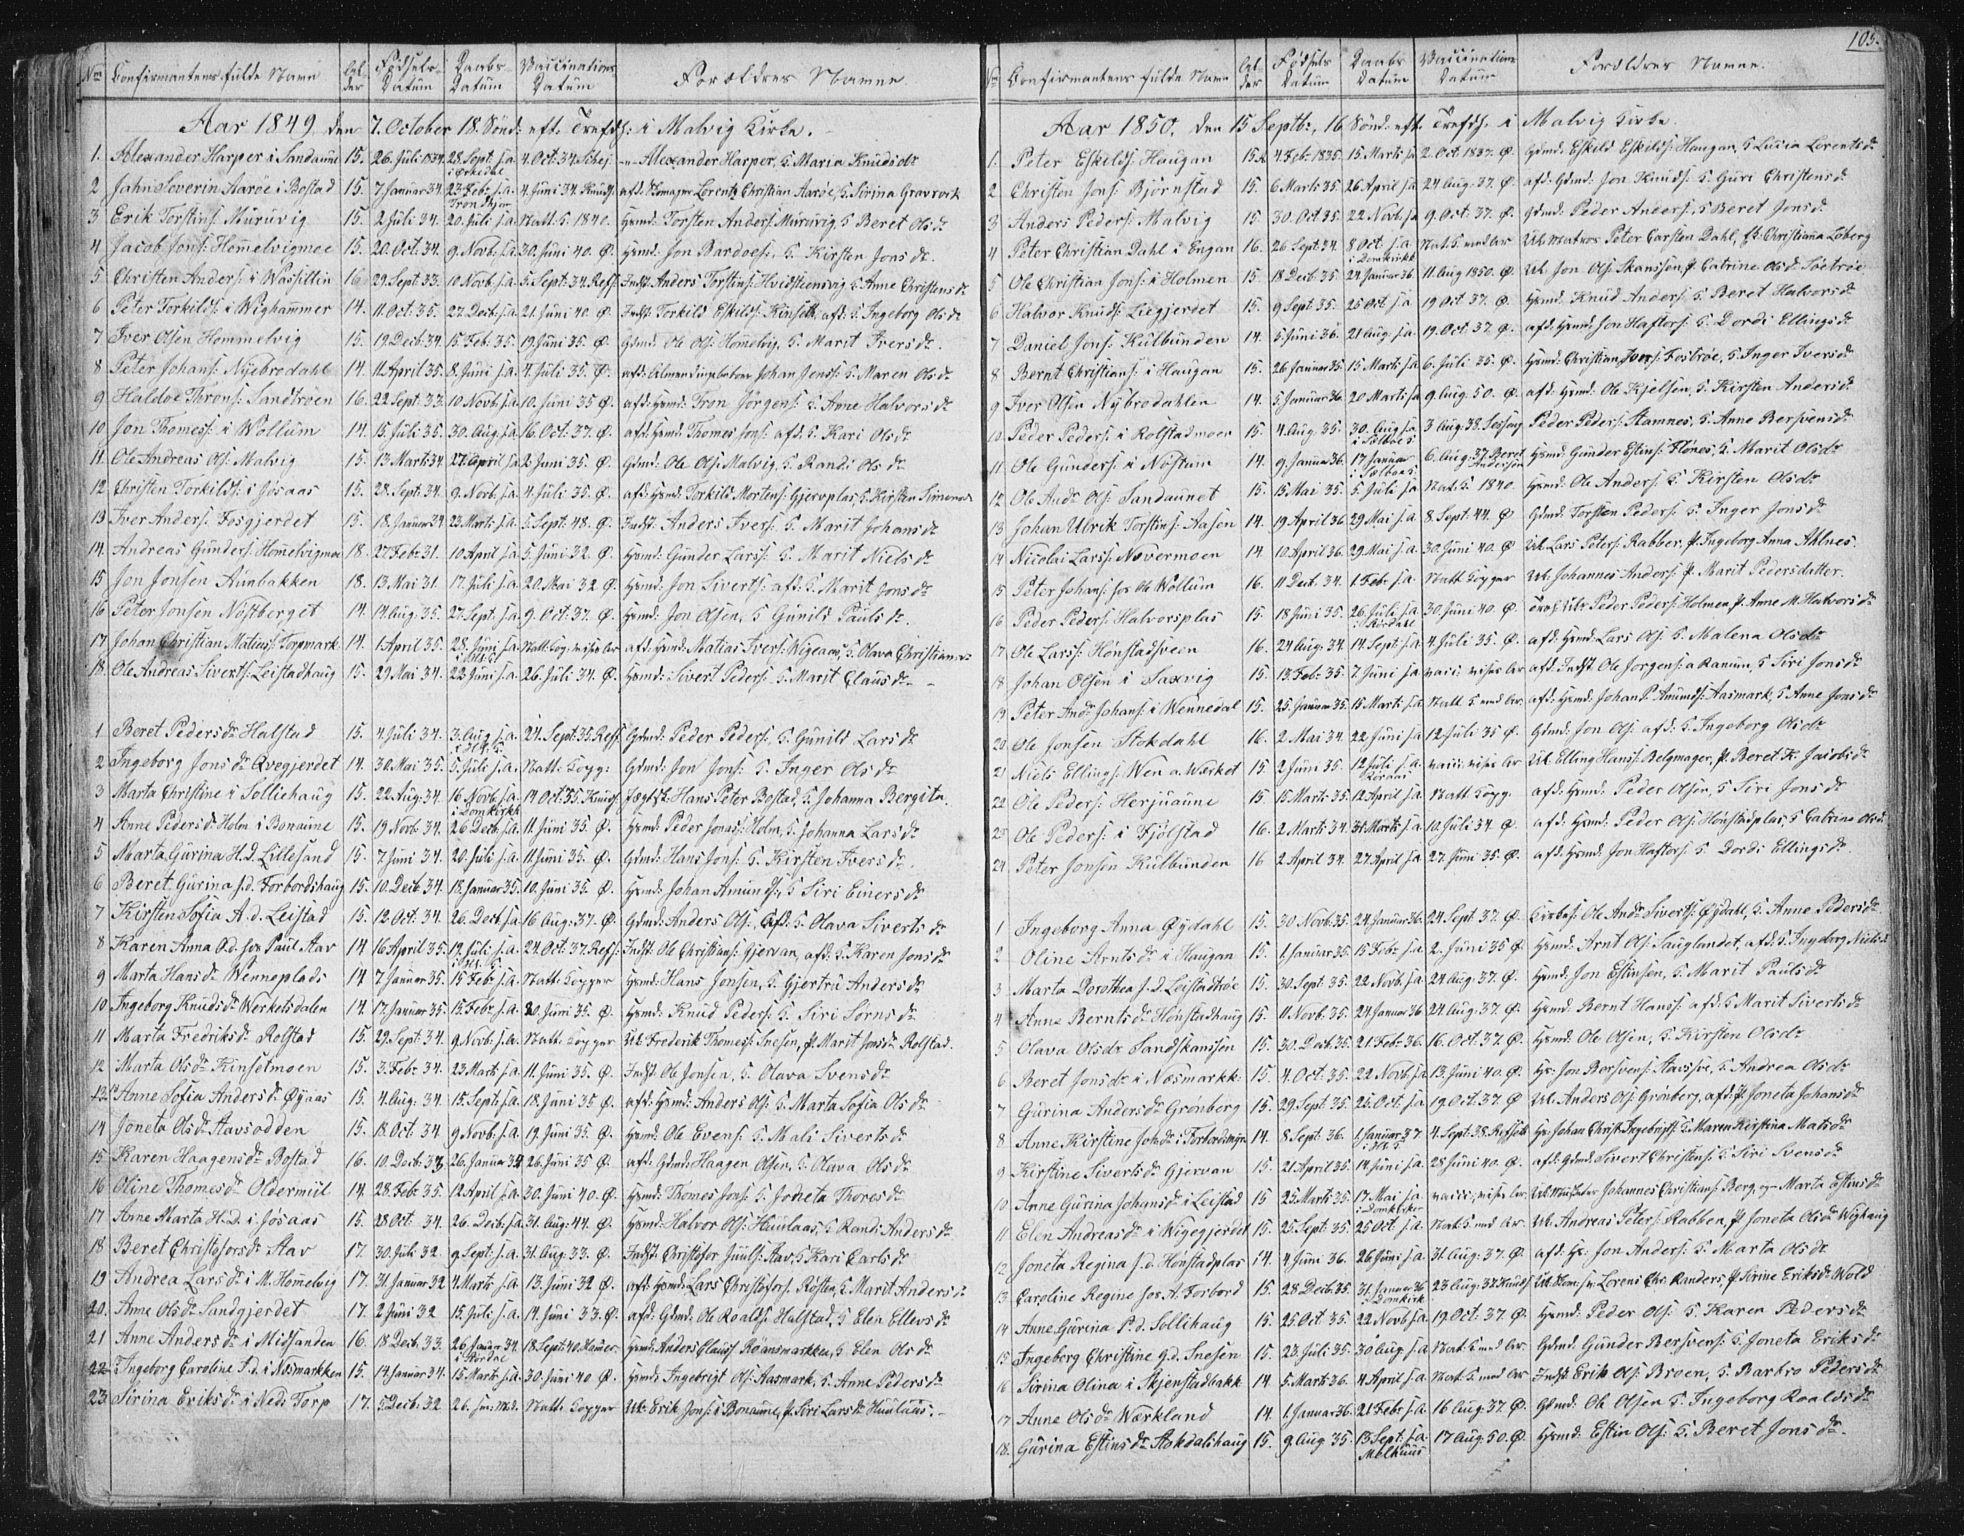 SAT, Ministerialprotokoller, klokkerbøker og fødselsregistre - Sør-Trøndelag, 616/L0406: Ministerialbok nr. 616A03, 1843-1879, s. 105